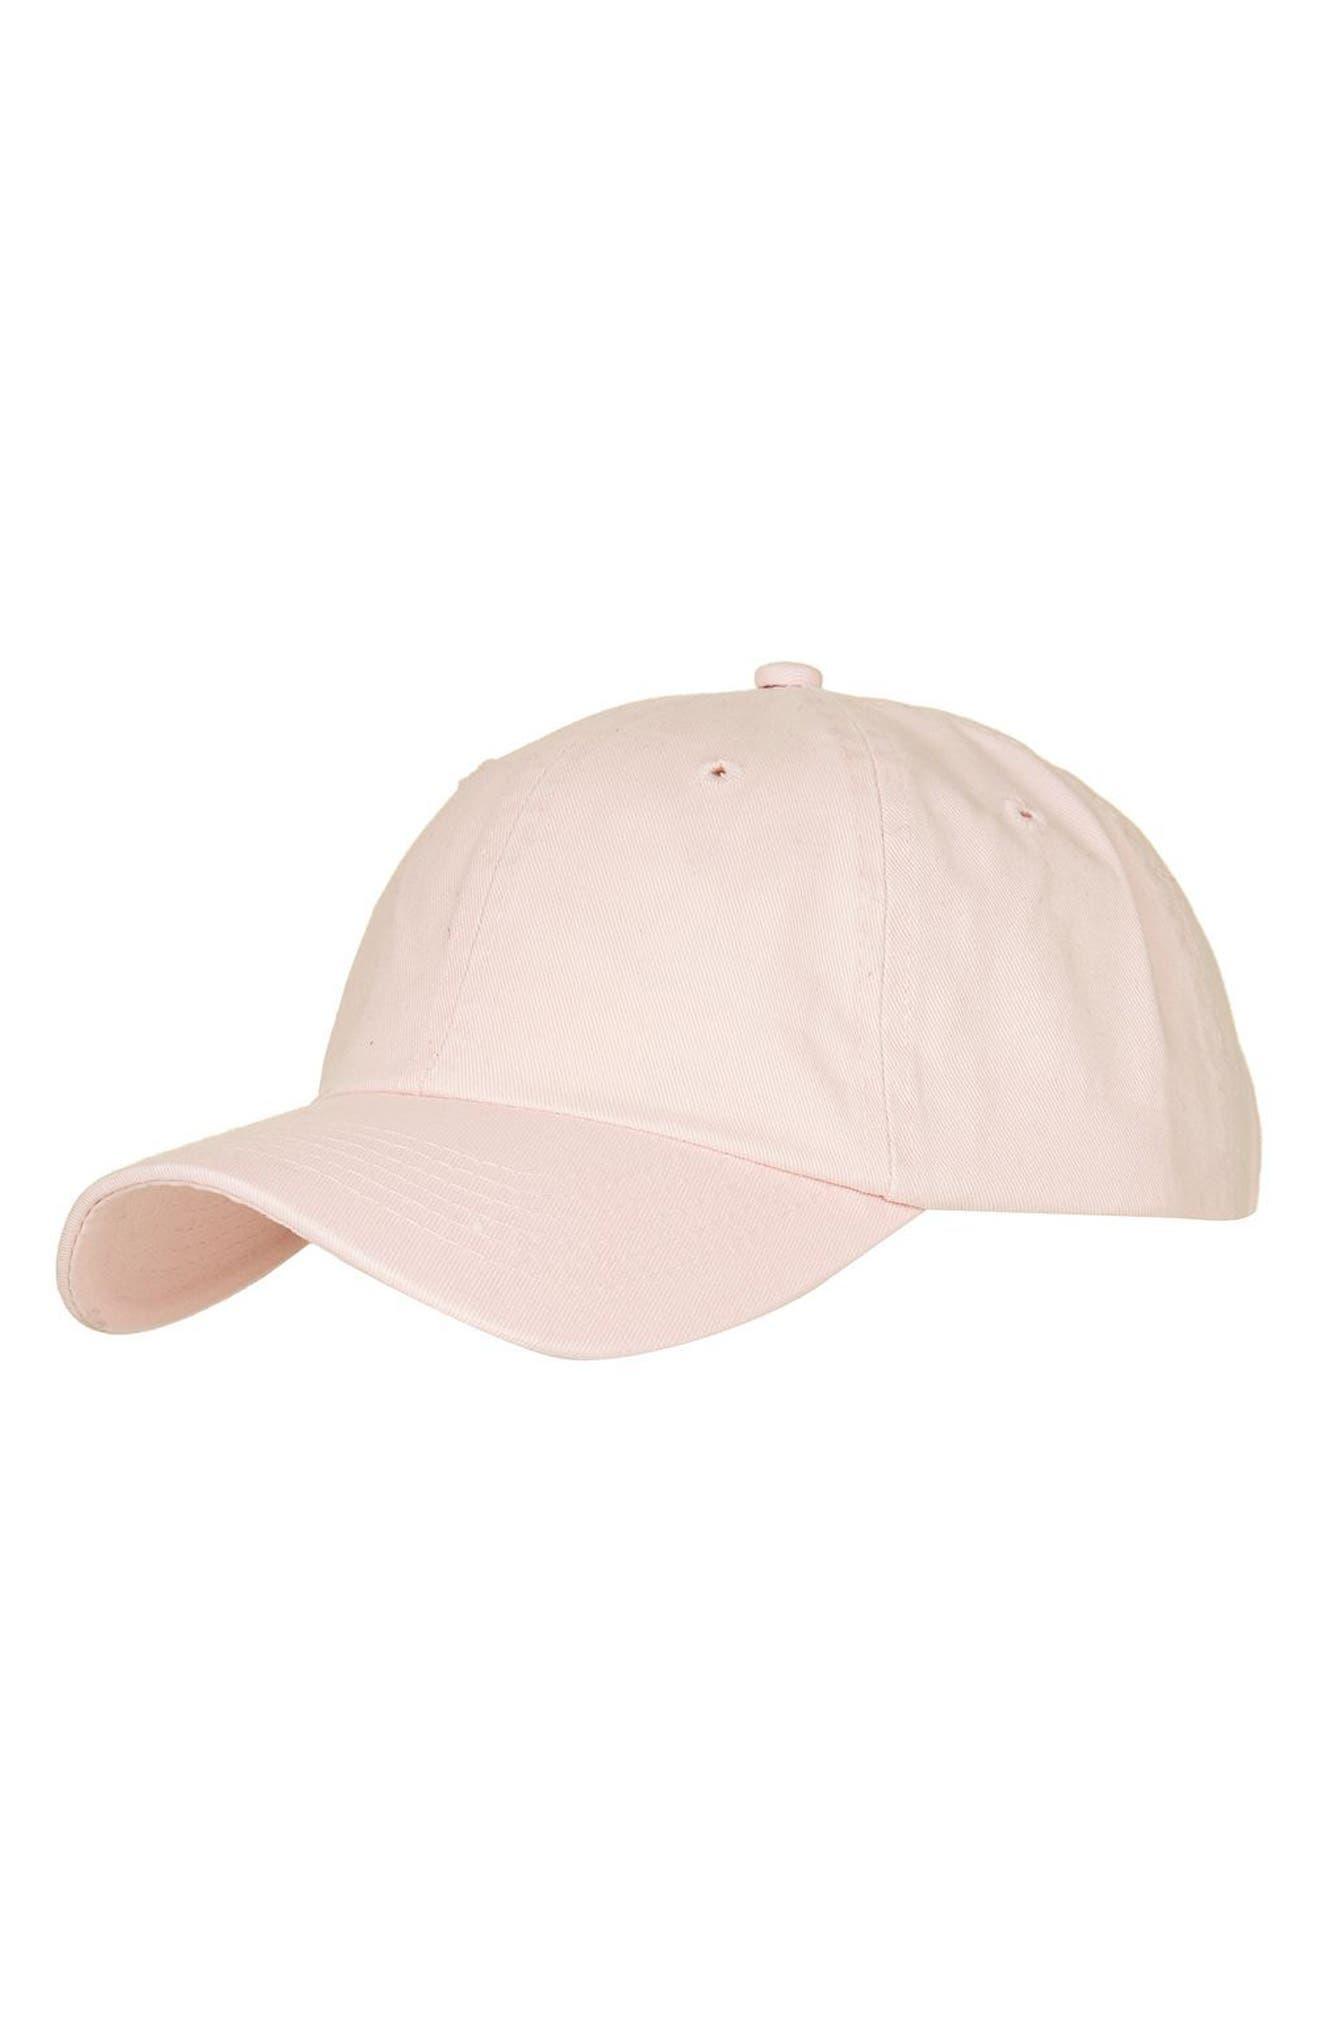 Topshop Washed Baseball Cap